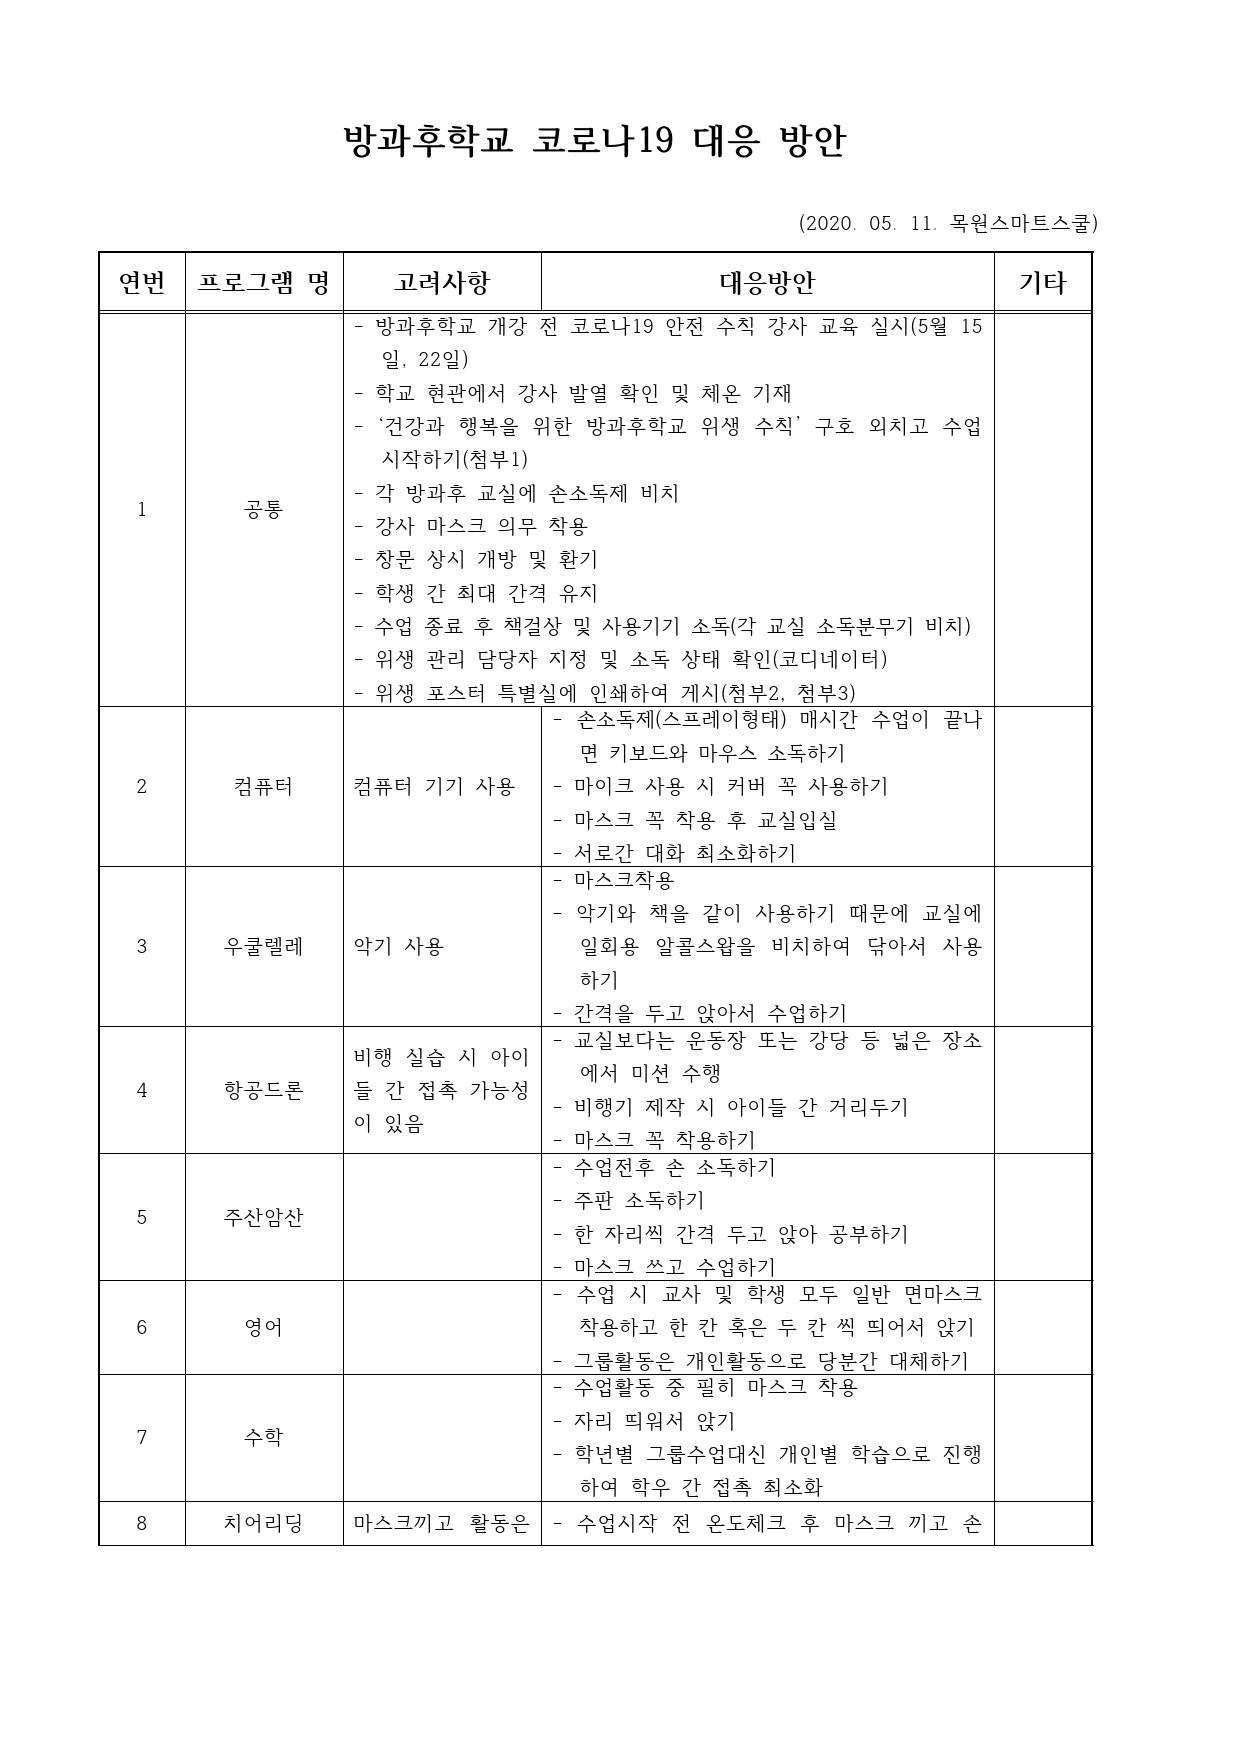 방과후학교 코로나19 대응 방안(2020. 05. 11. 목원스마트스쿨)-1.jpg